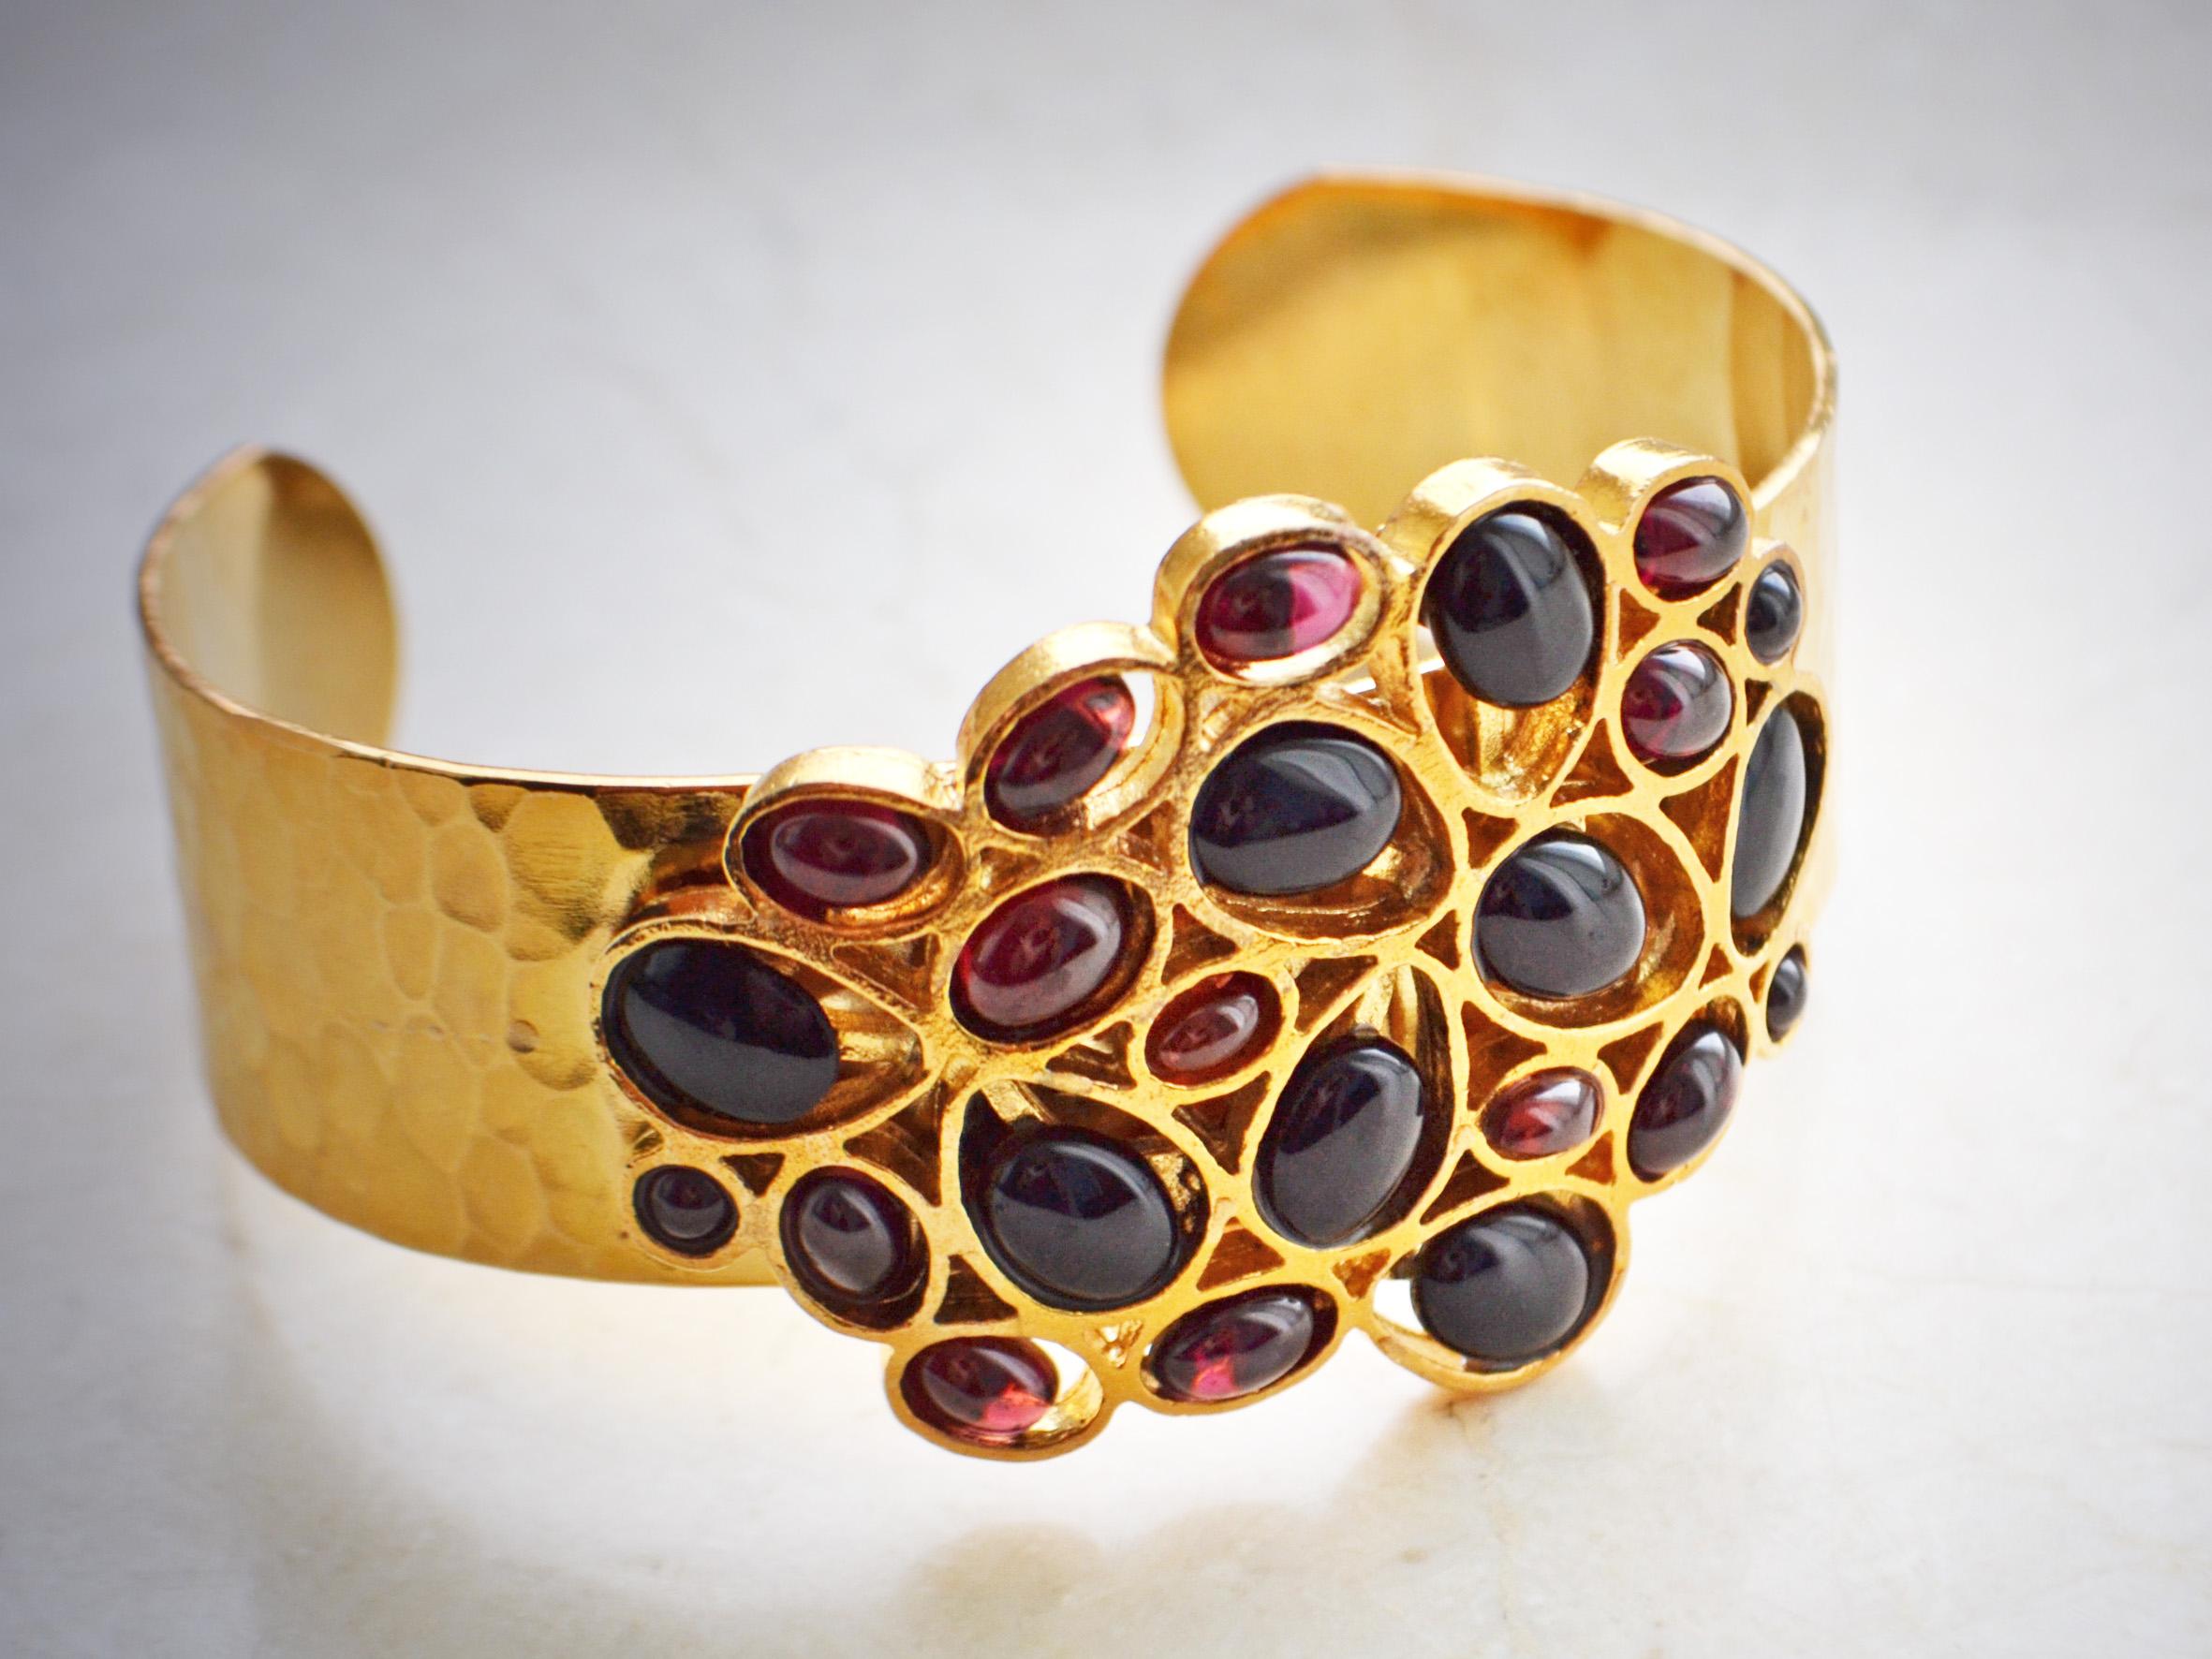 Гранатовый браслет фото украшения